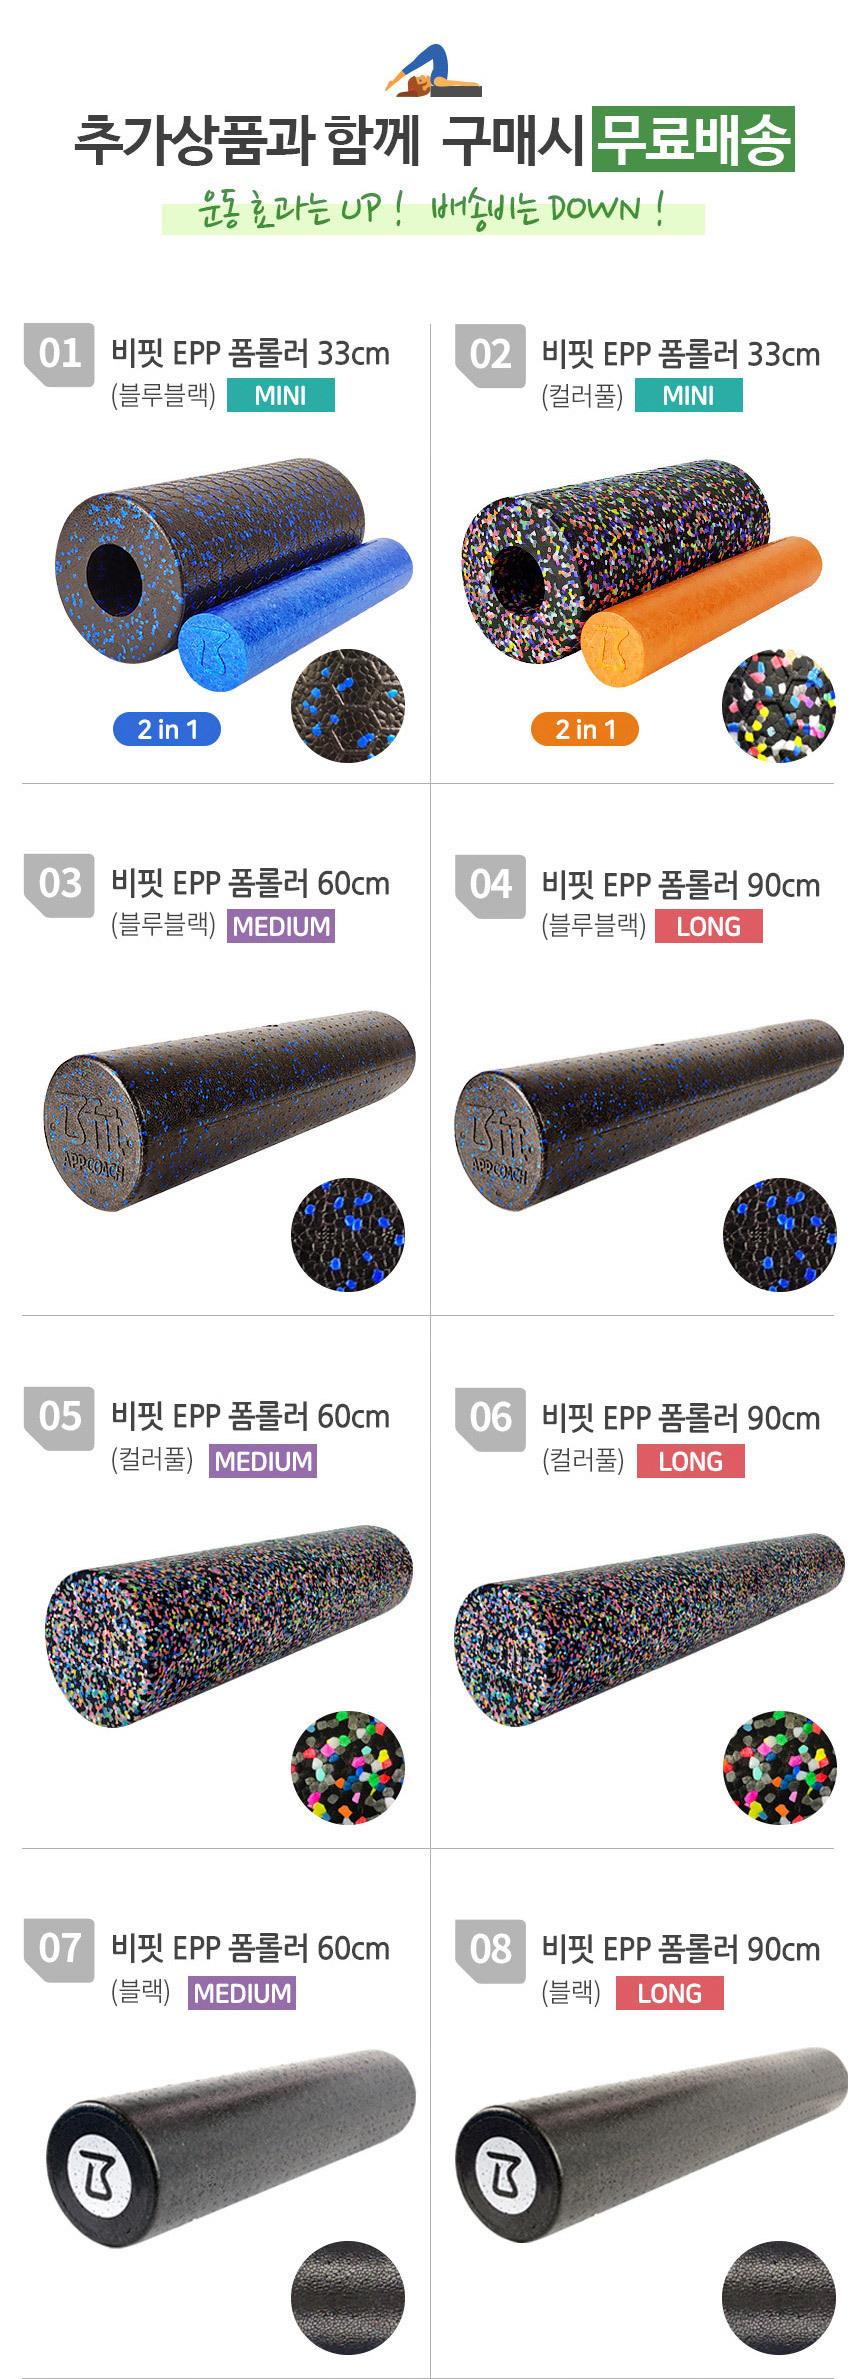 NEW_foam_roller.jpg